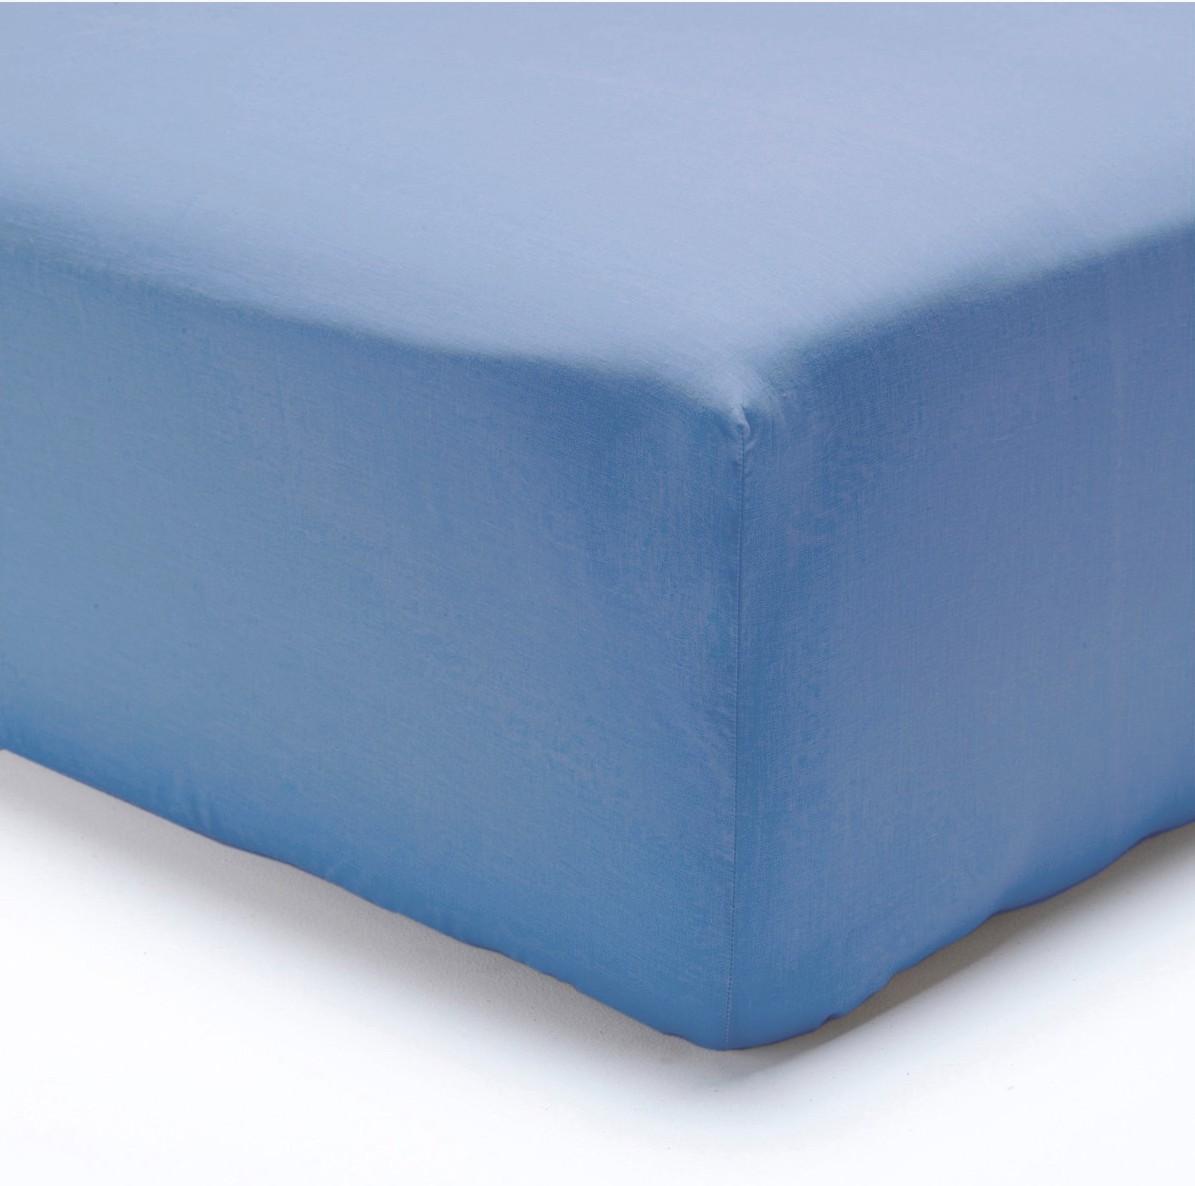 Polášek jersey prostěradlo 70x160cm, nebesky modré